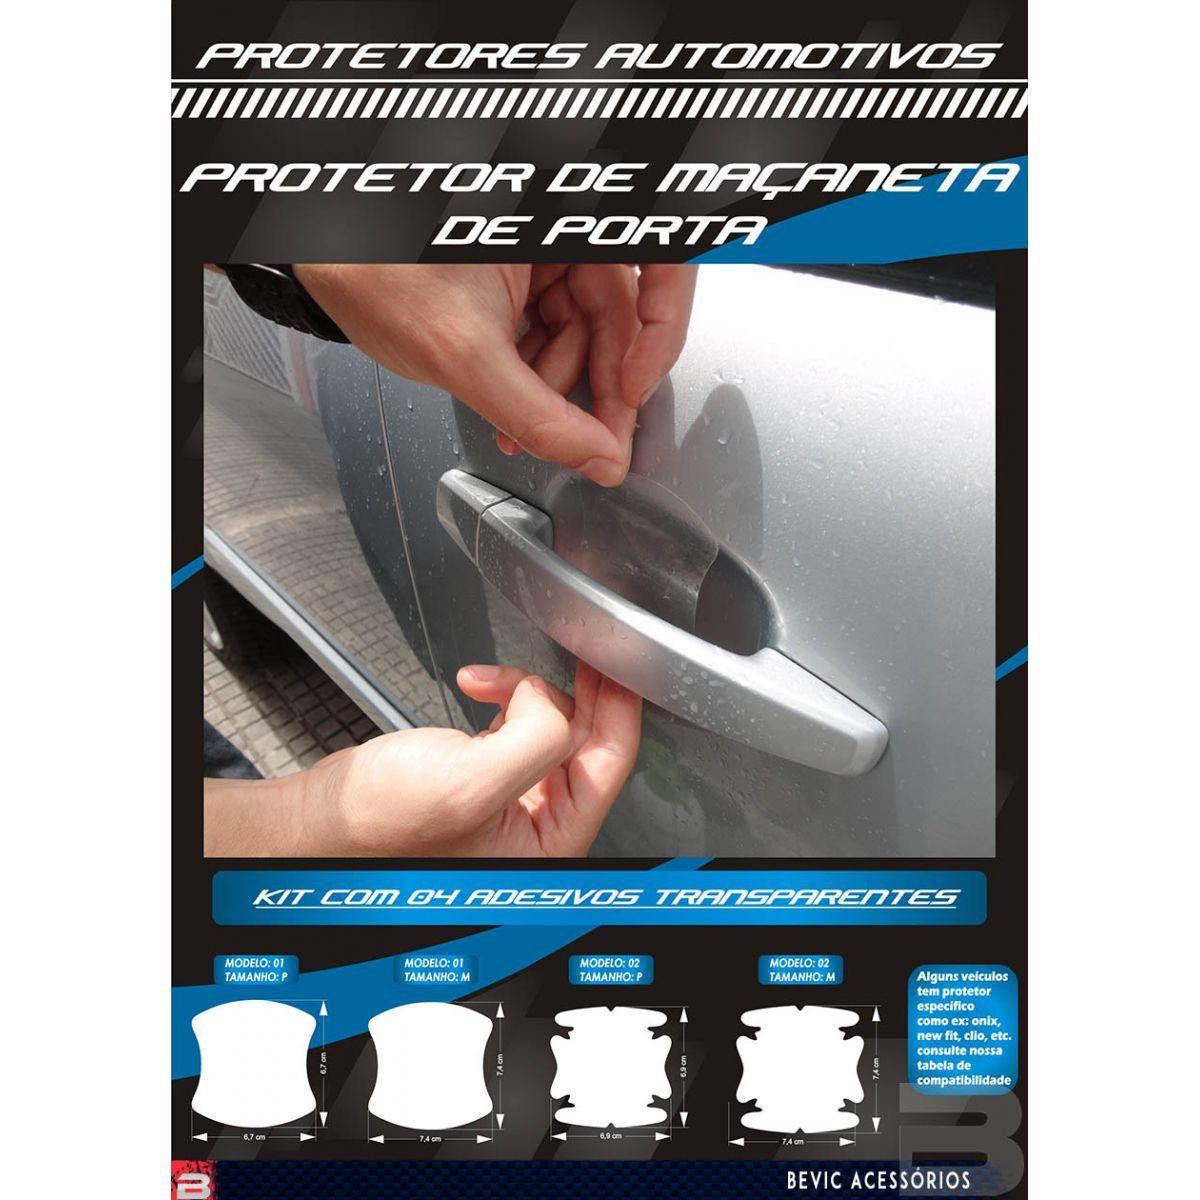 Kit Protetor de Maçaneta Película Adesivo Incolor 4 Peças Protege contra Riscos de Unhas